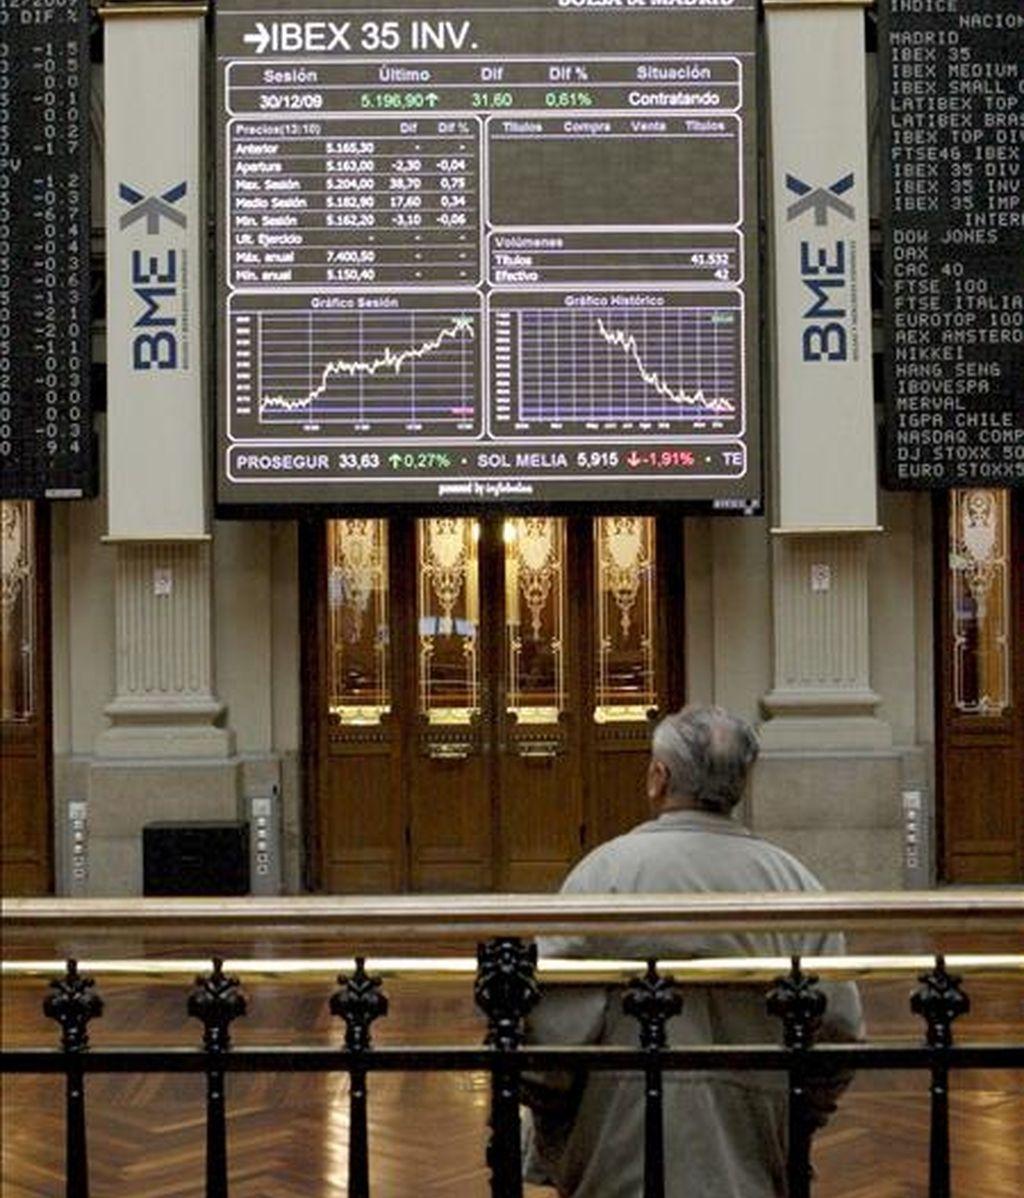 Un inversor contempla hoy un panel de cotizaciones en la Bolsa de Madrid, mercado que cierra el año con una revalorización cercana al 31%. EFE